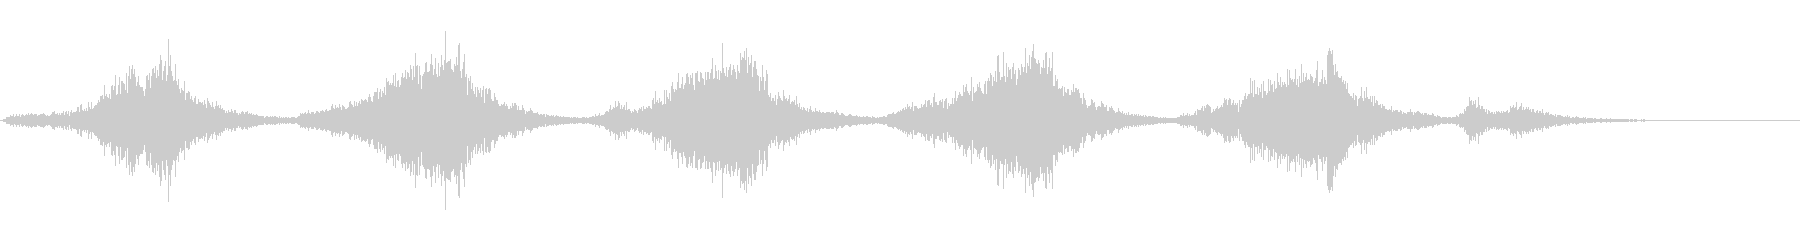 オーケストラでサスペンスタッチに1の未再生の波形